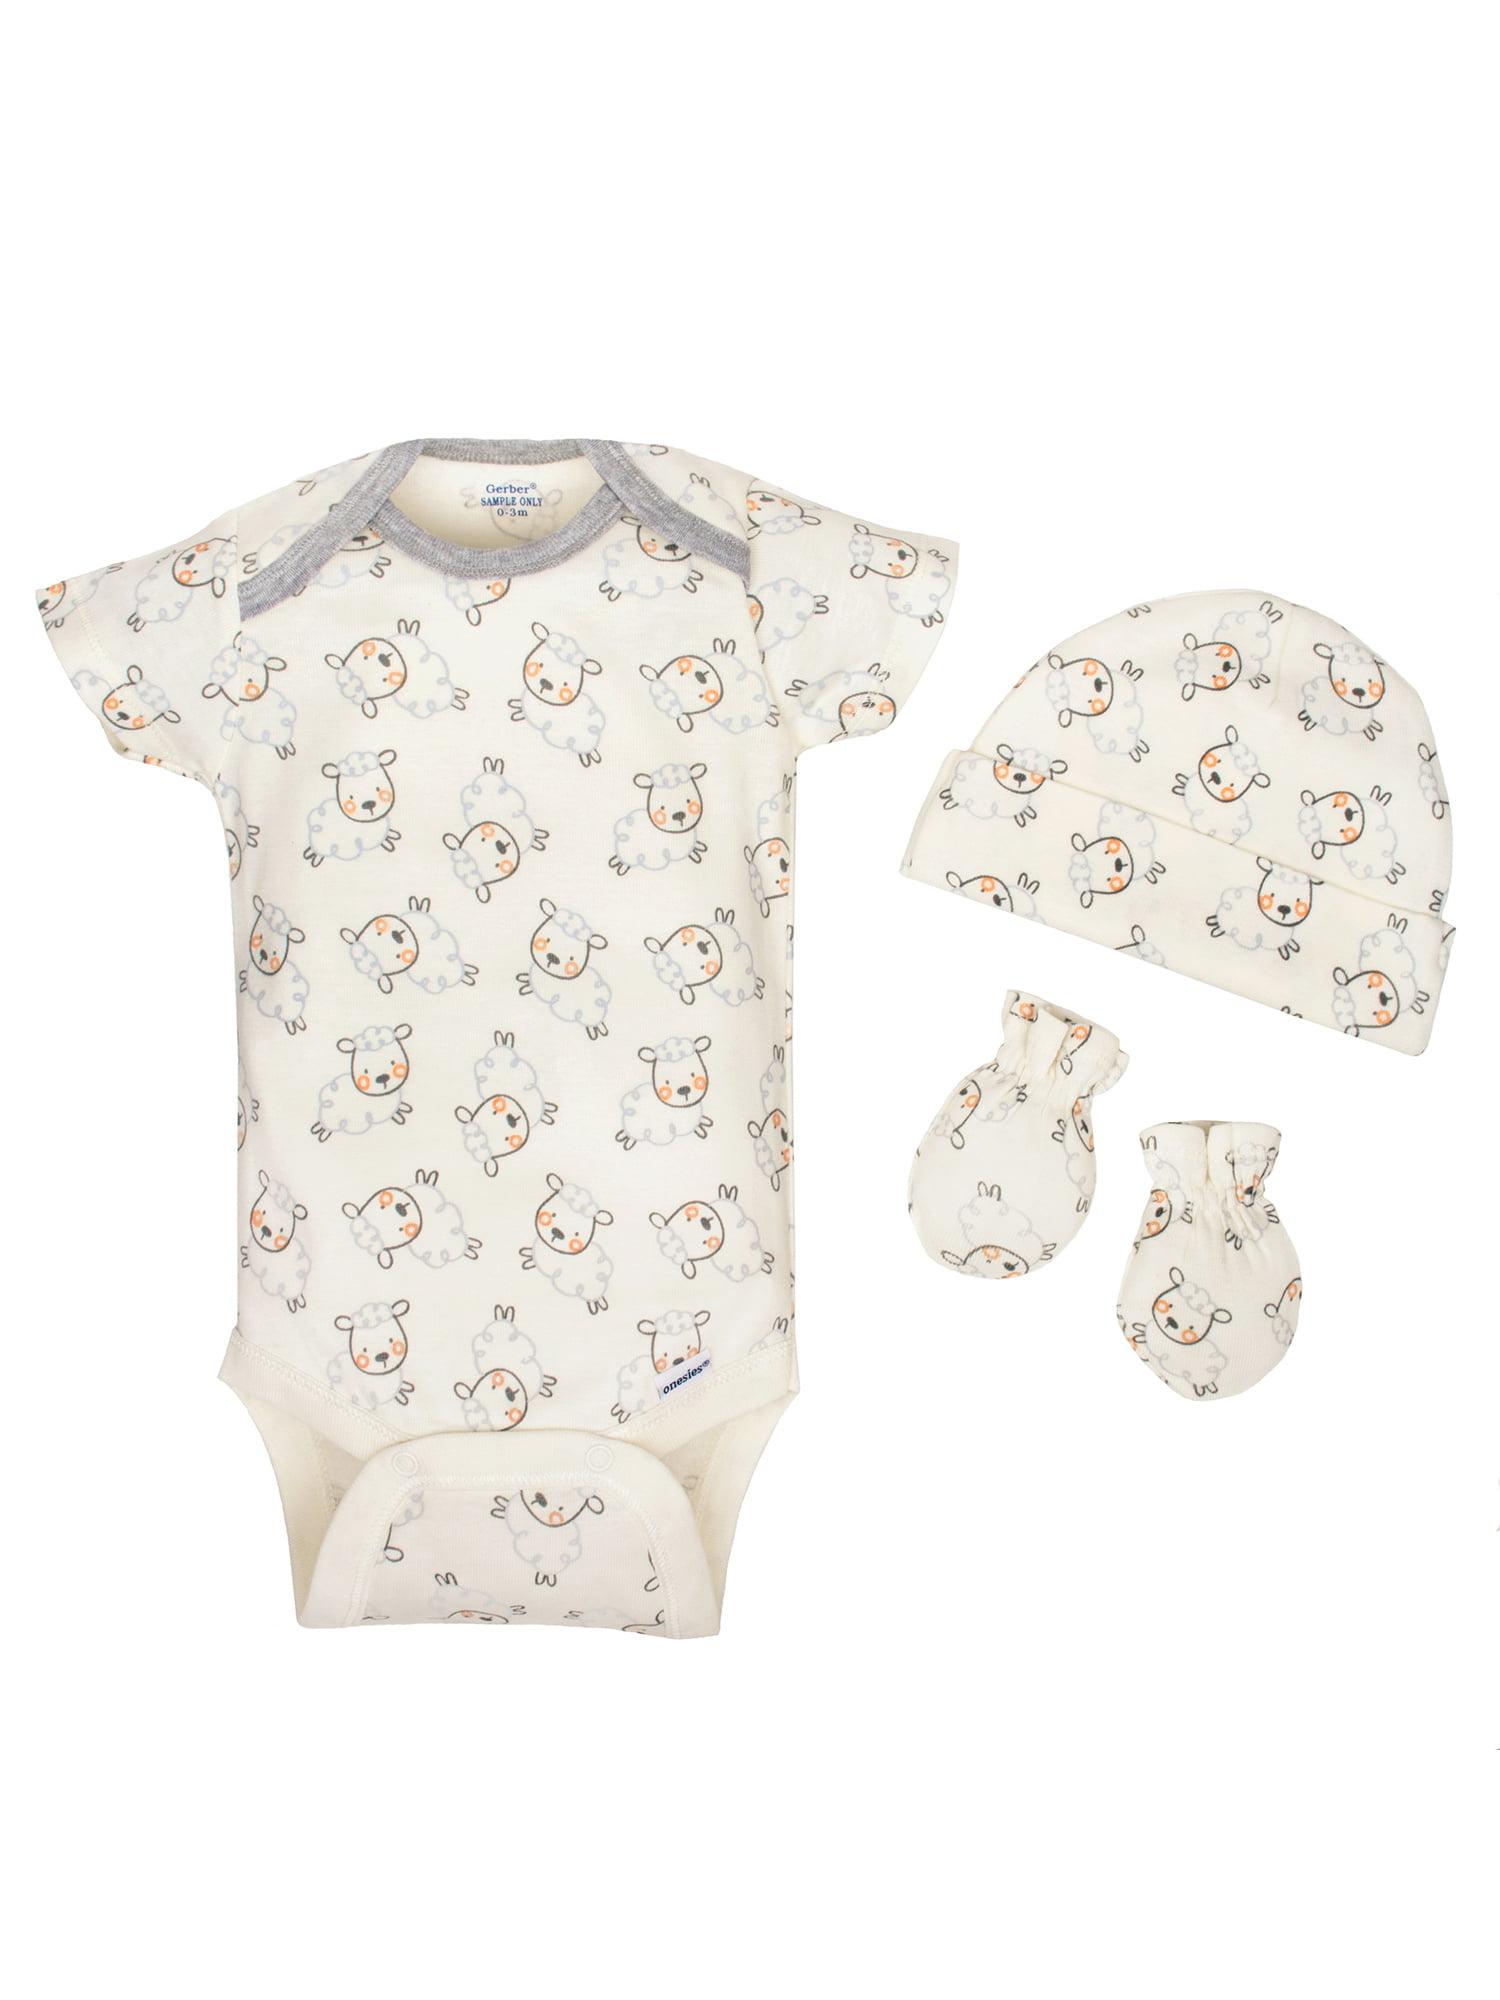 1a8a3435 Gerber - Gerber Newborn Baby Boy or Girl Unisex Onesies Brand Organic Short  Sleeve Bodysuits, 3-pack - Walmart.com